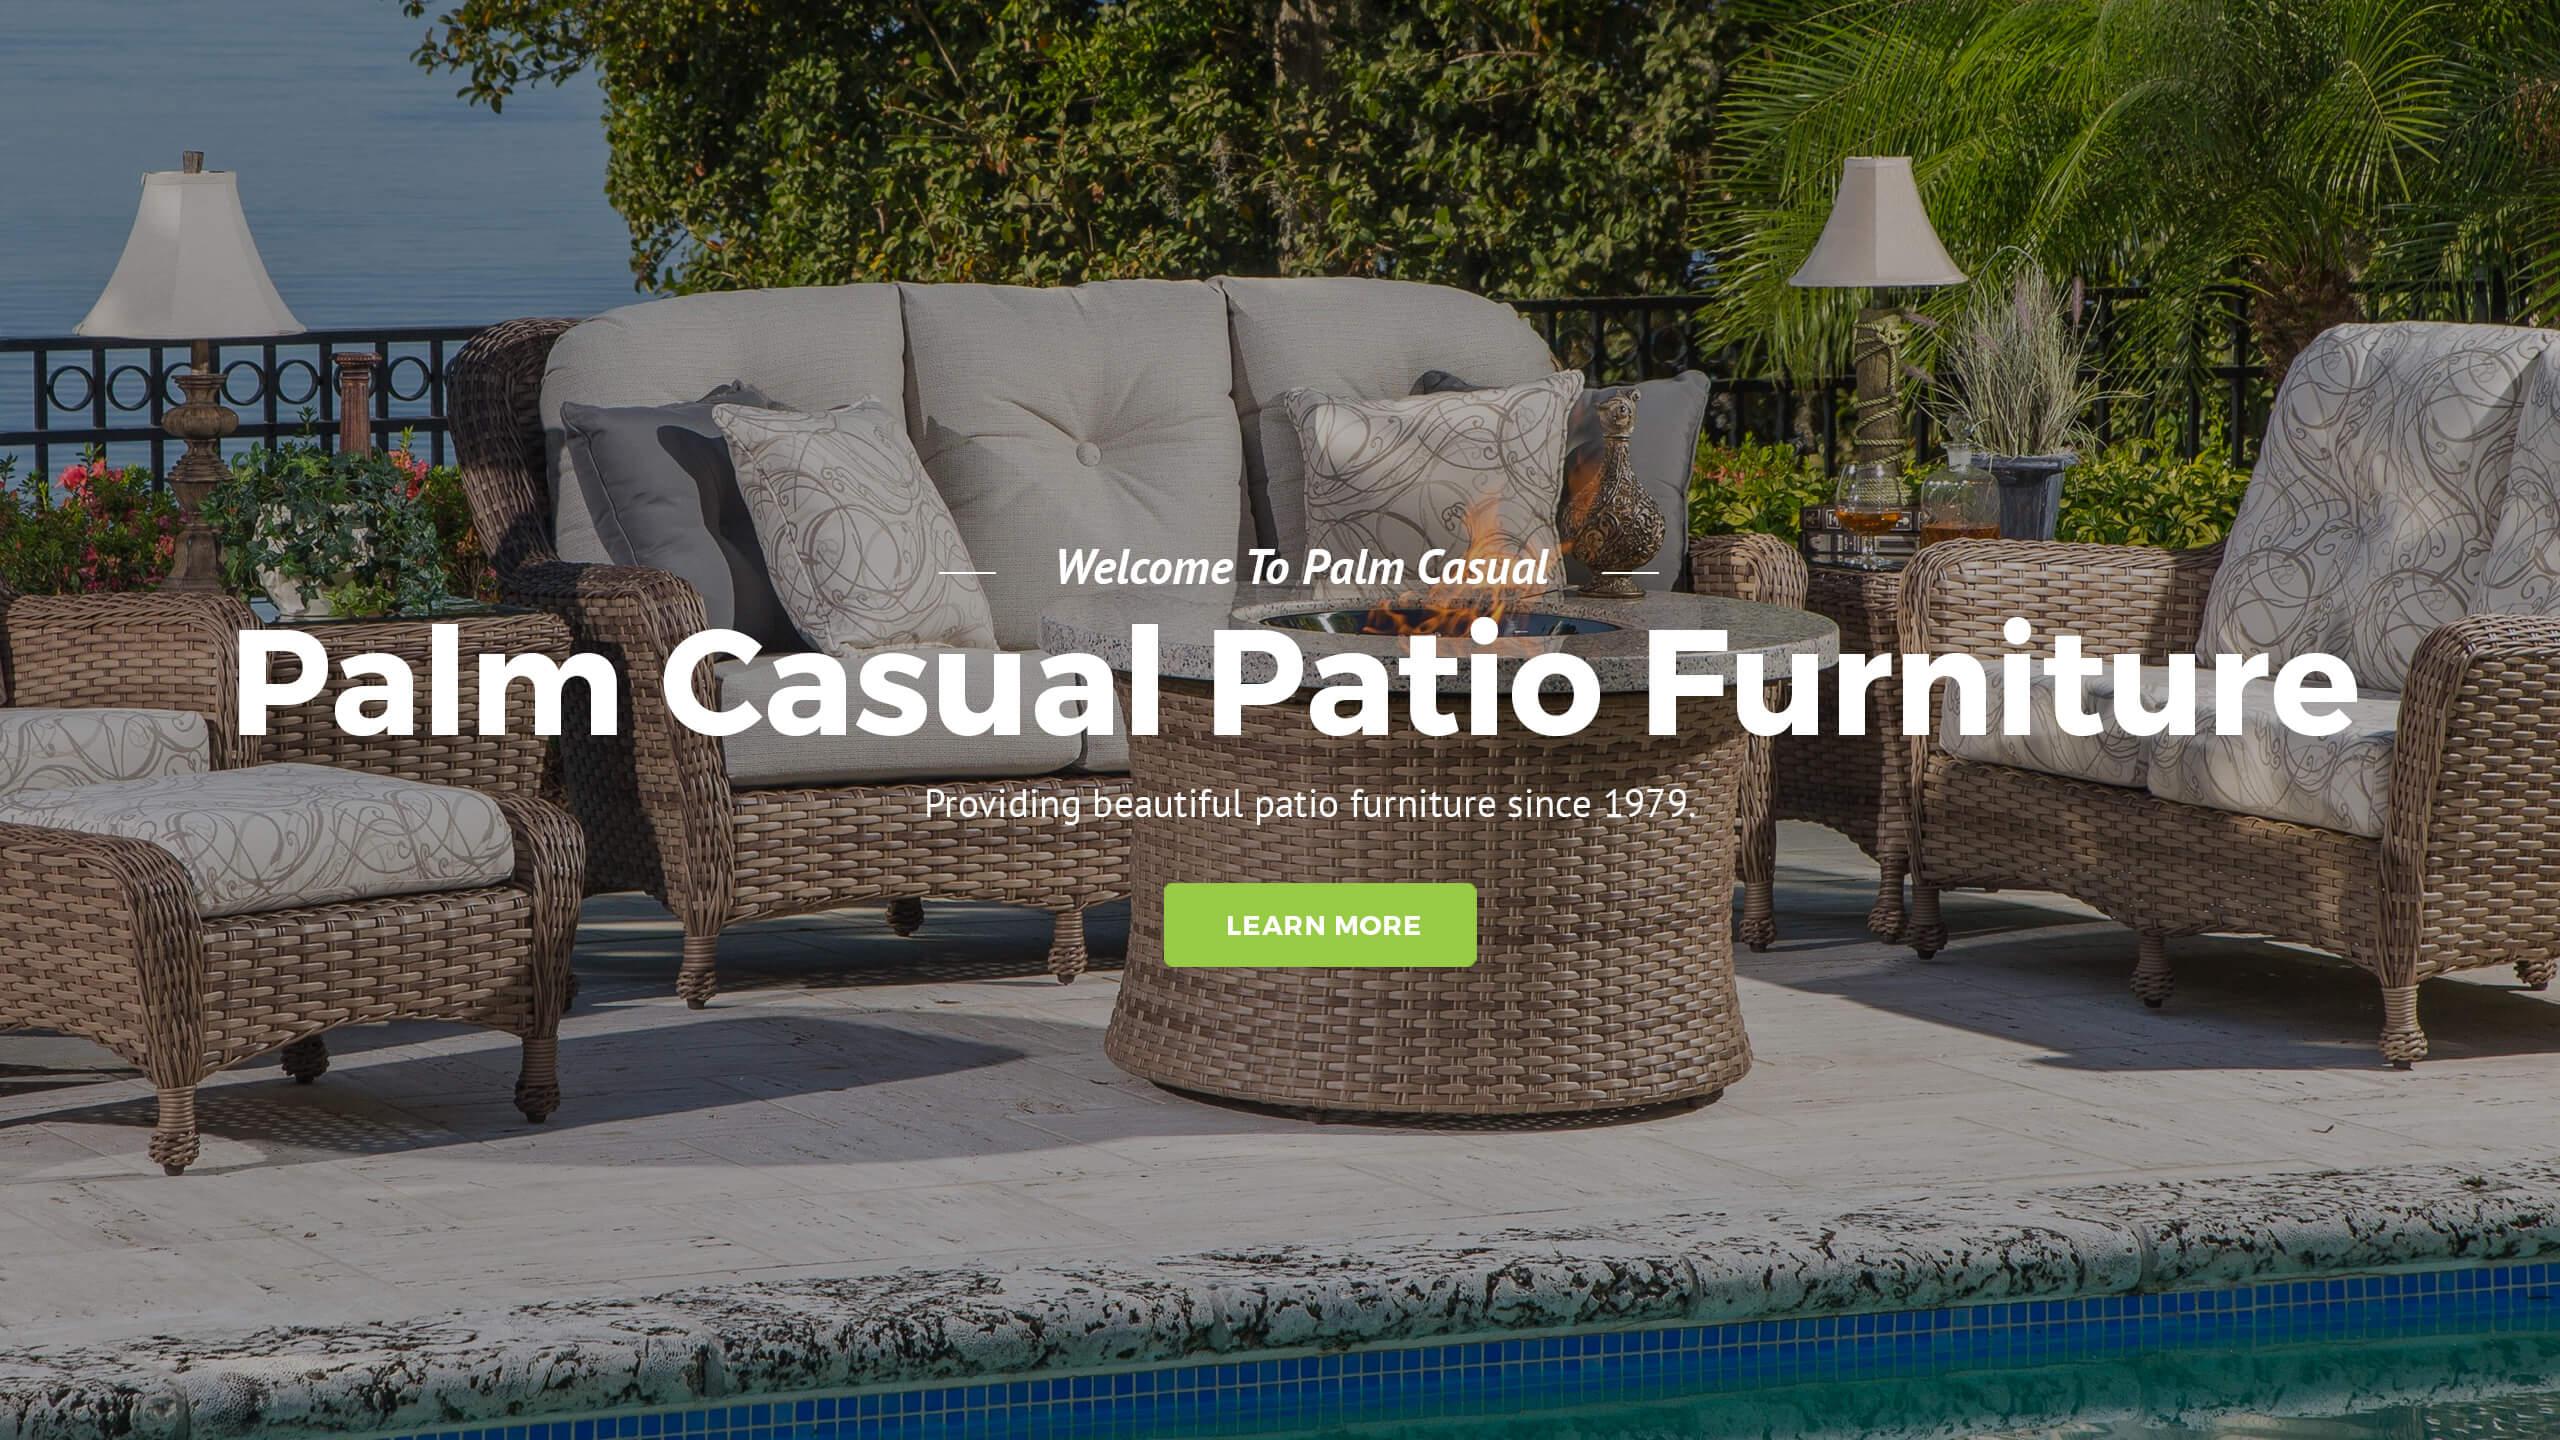 Outdoor Patio Furniture Orlando Cast Aluminium Furniture with size 2560 X 1440